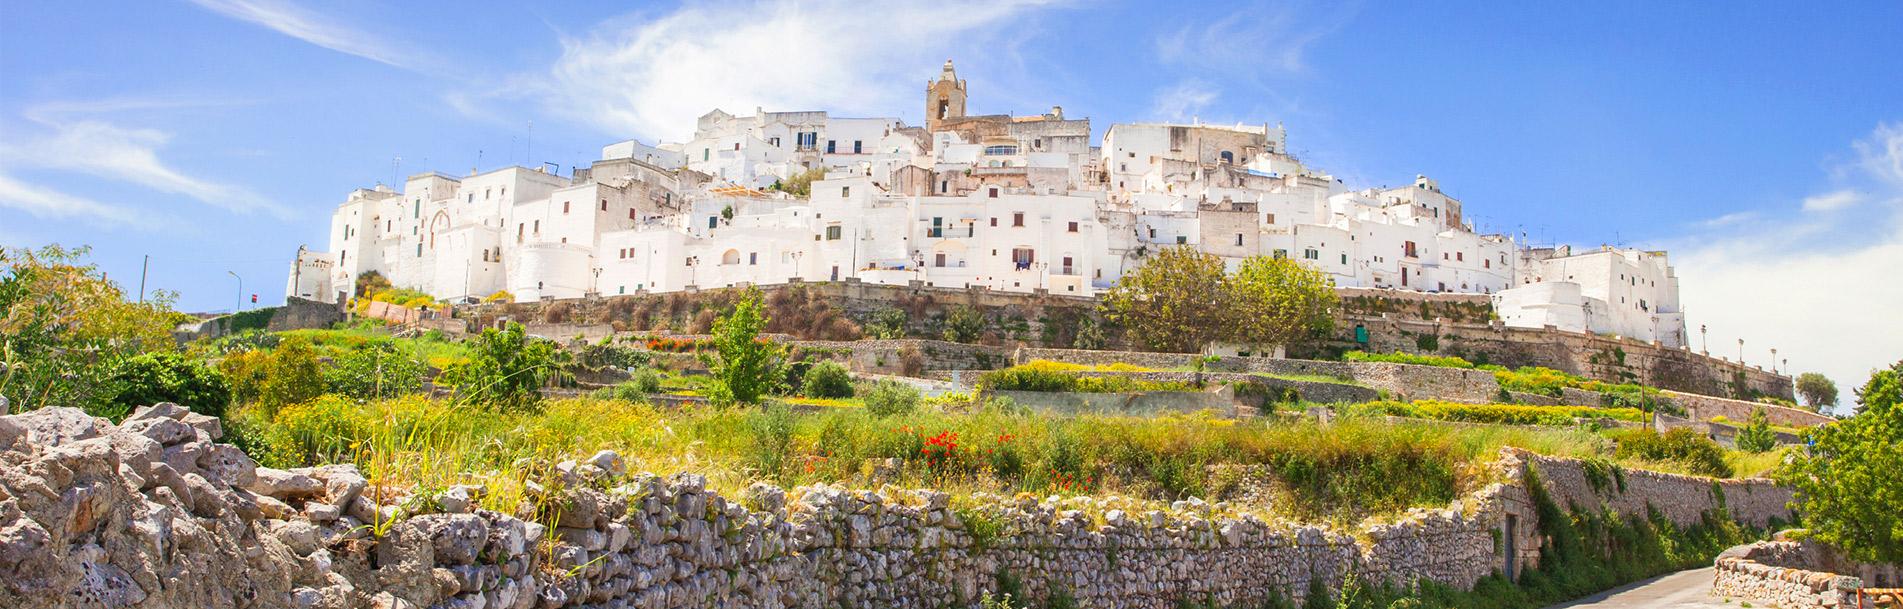 Discover Puglia Tour | Puglia Holiday | Solo Travel in Italy